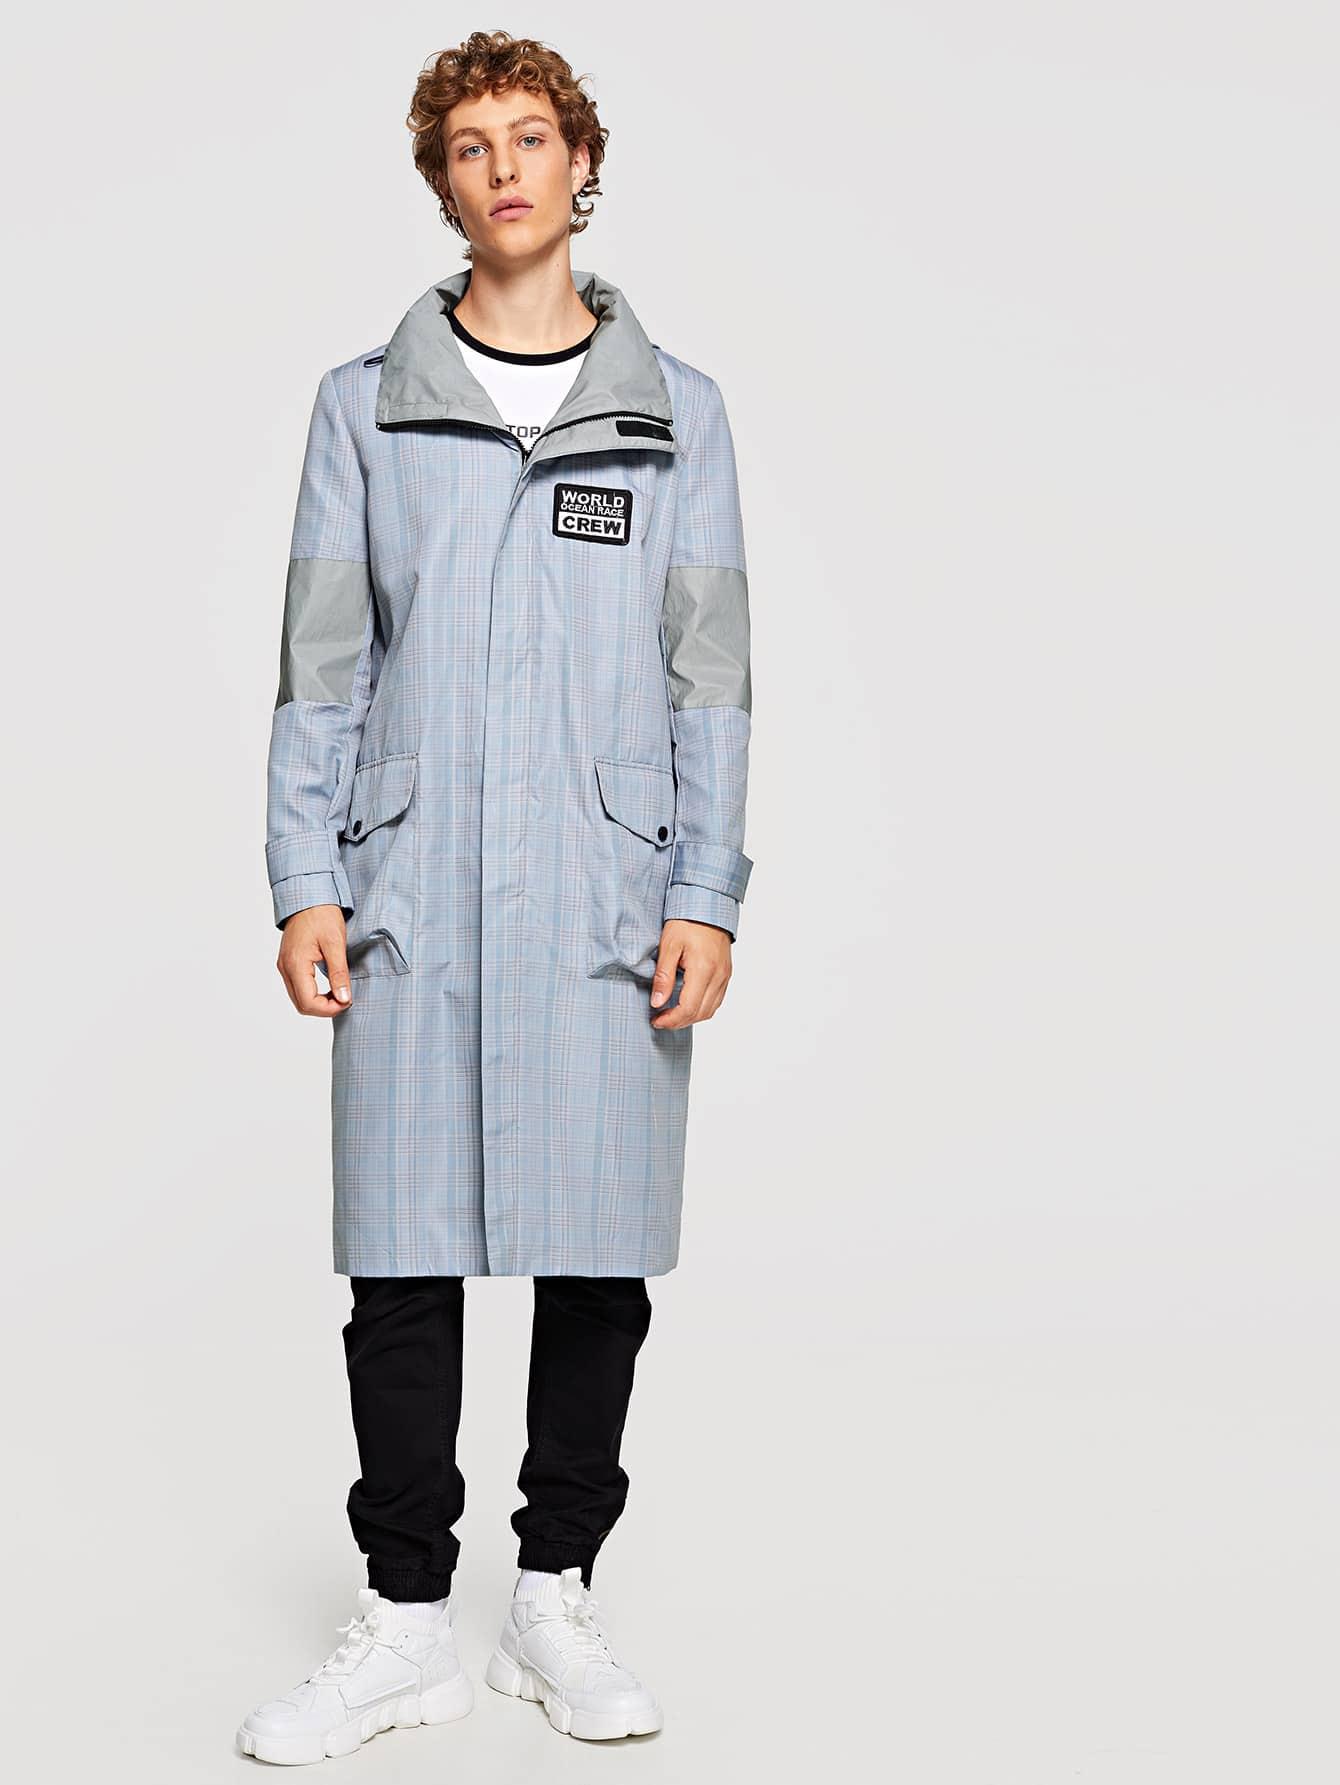 Купить Для мужчин клетчатое пальто на молнии с карманами, Kristian, SheIn